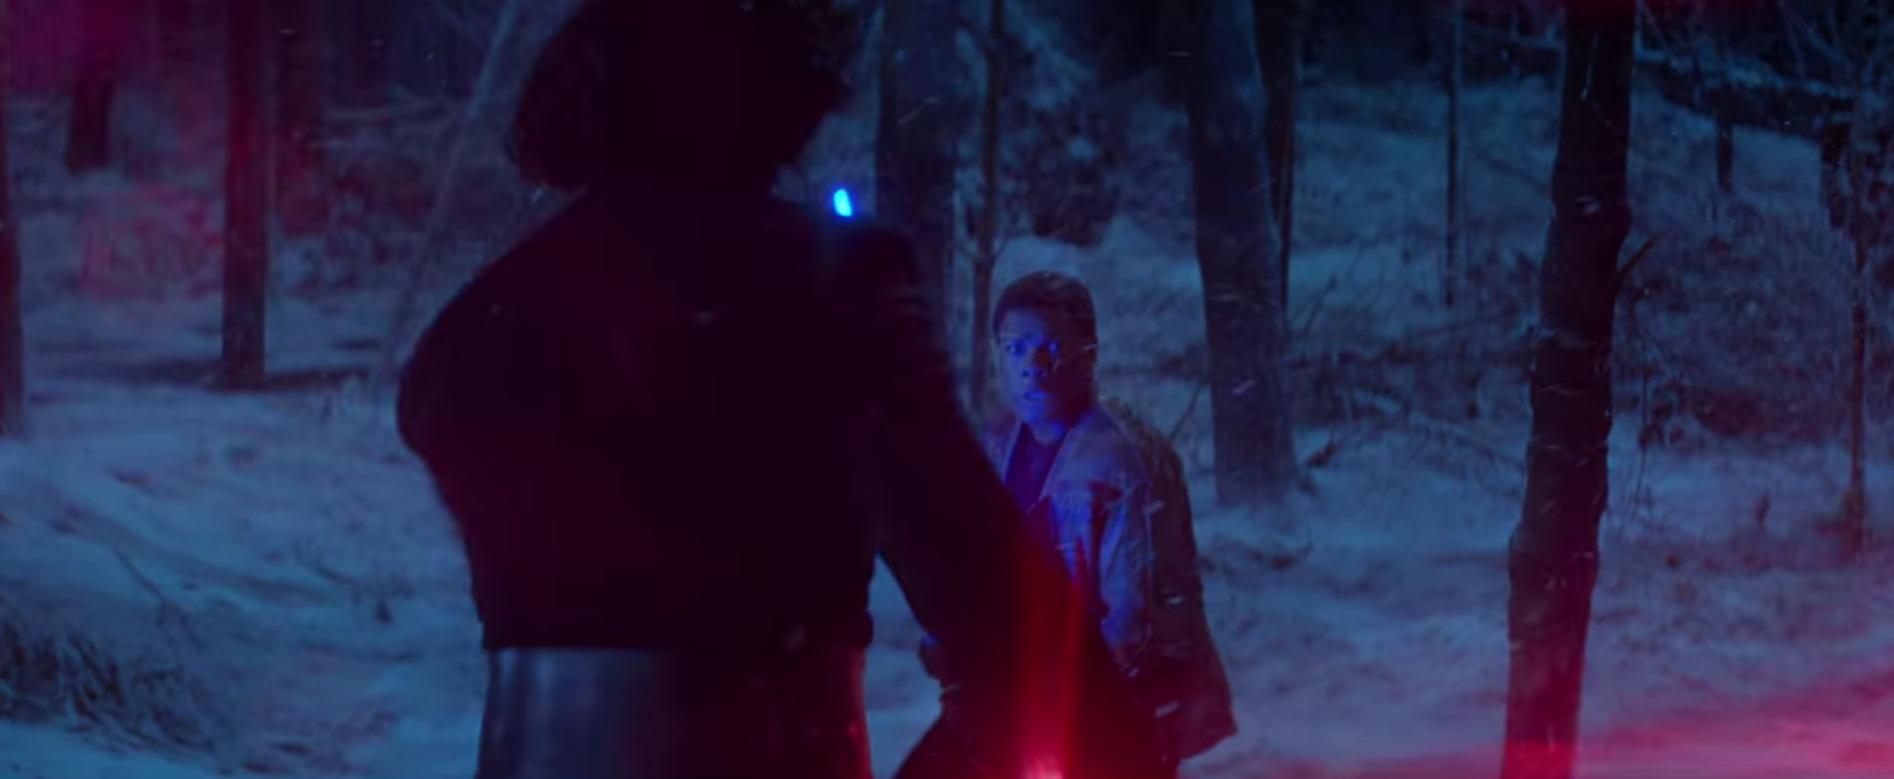 Разбор трейлера «Star Wars: Episode VII». Почему плачет Рей? (осторожно, потенциальный спойлер) - 14